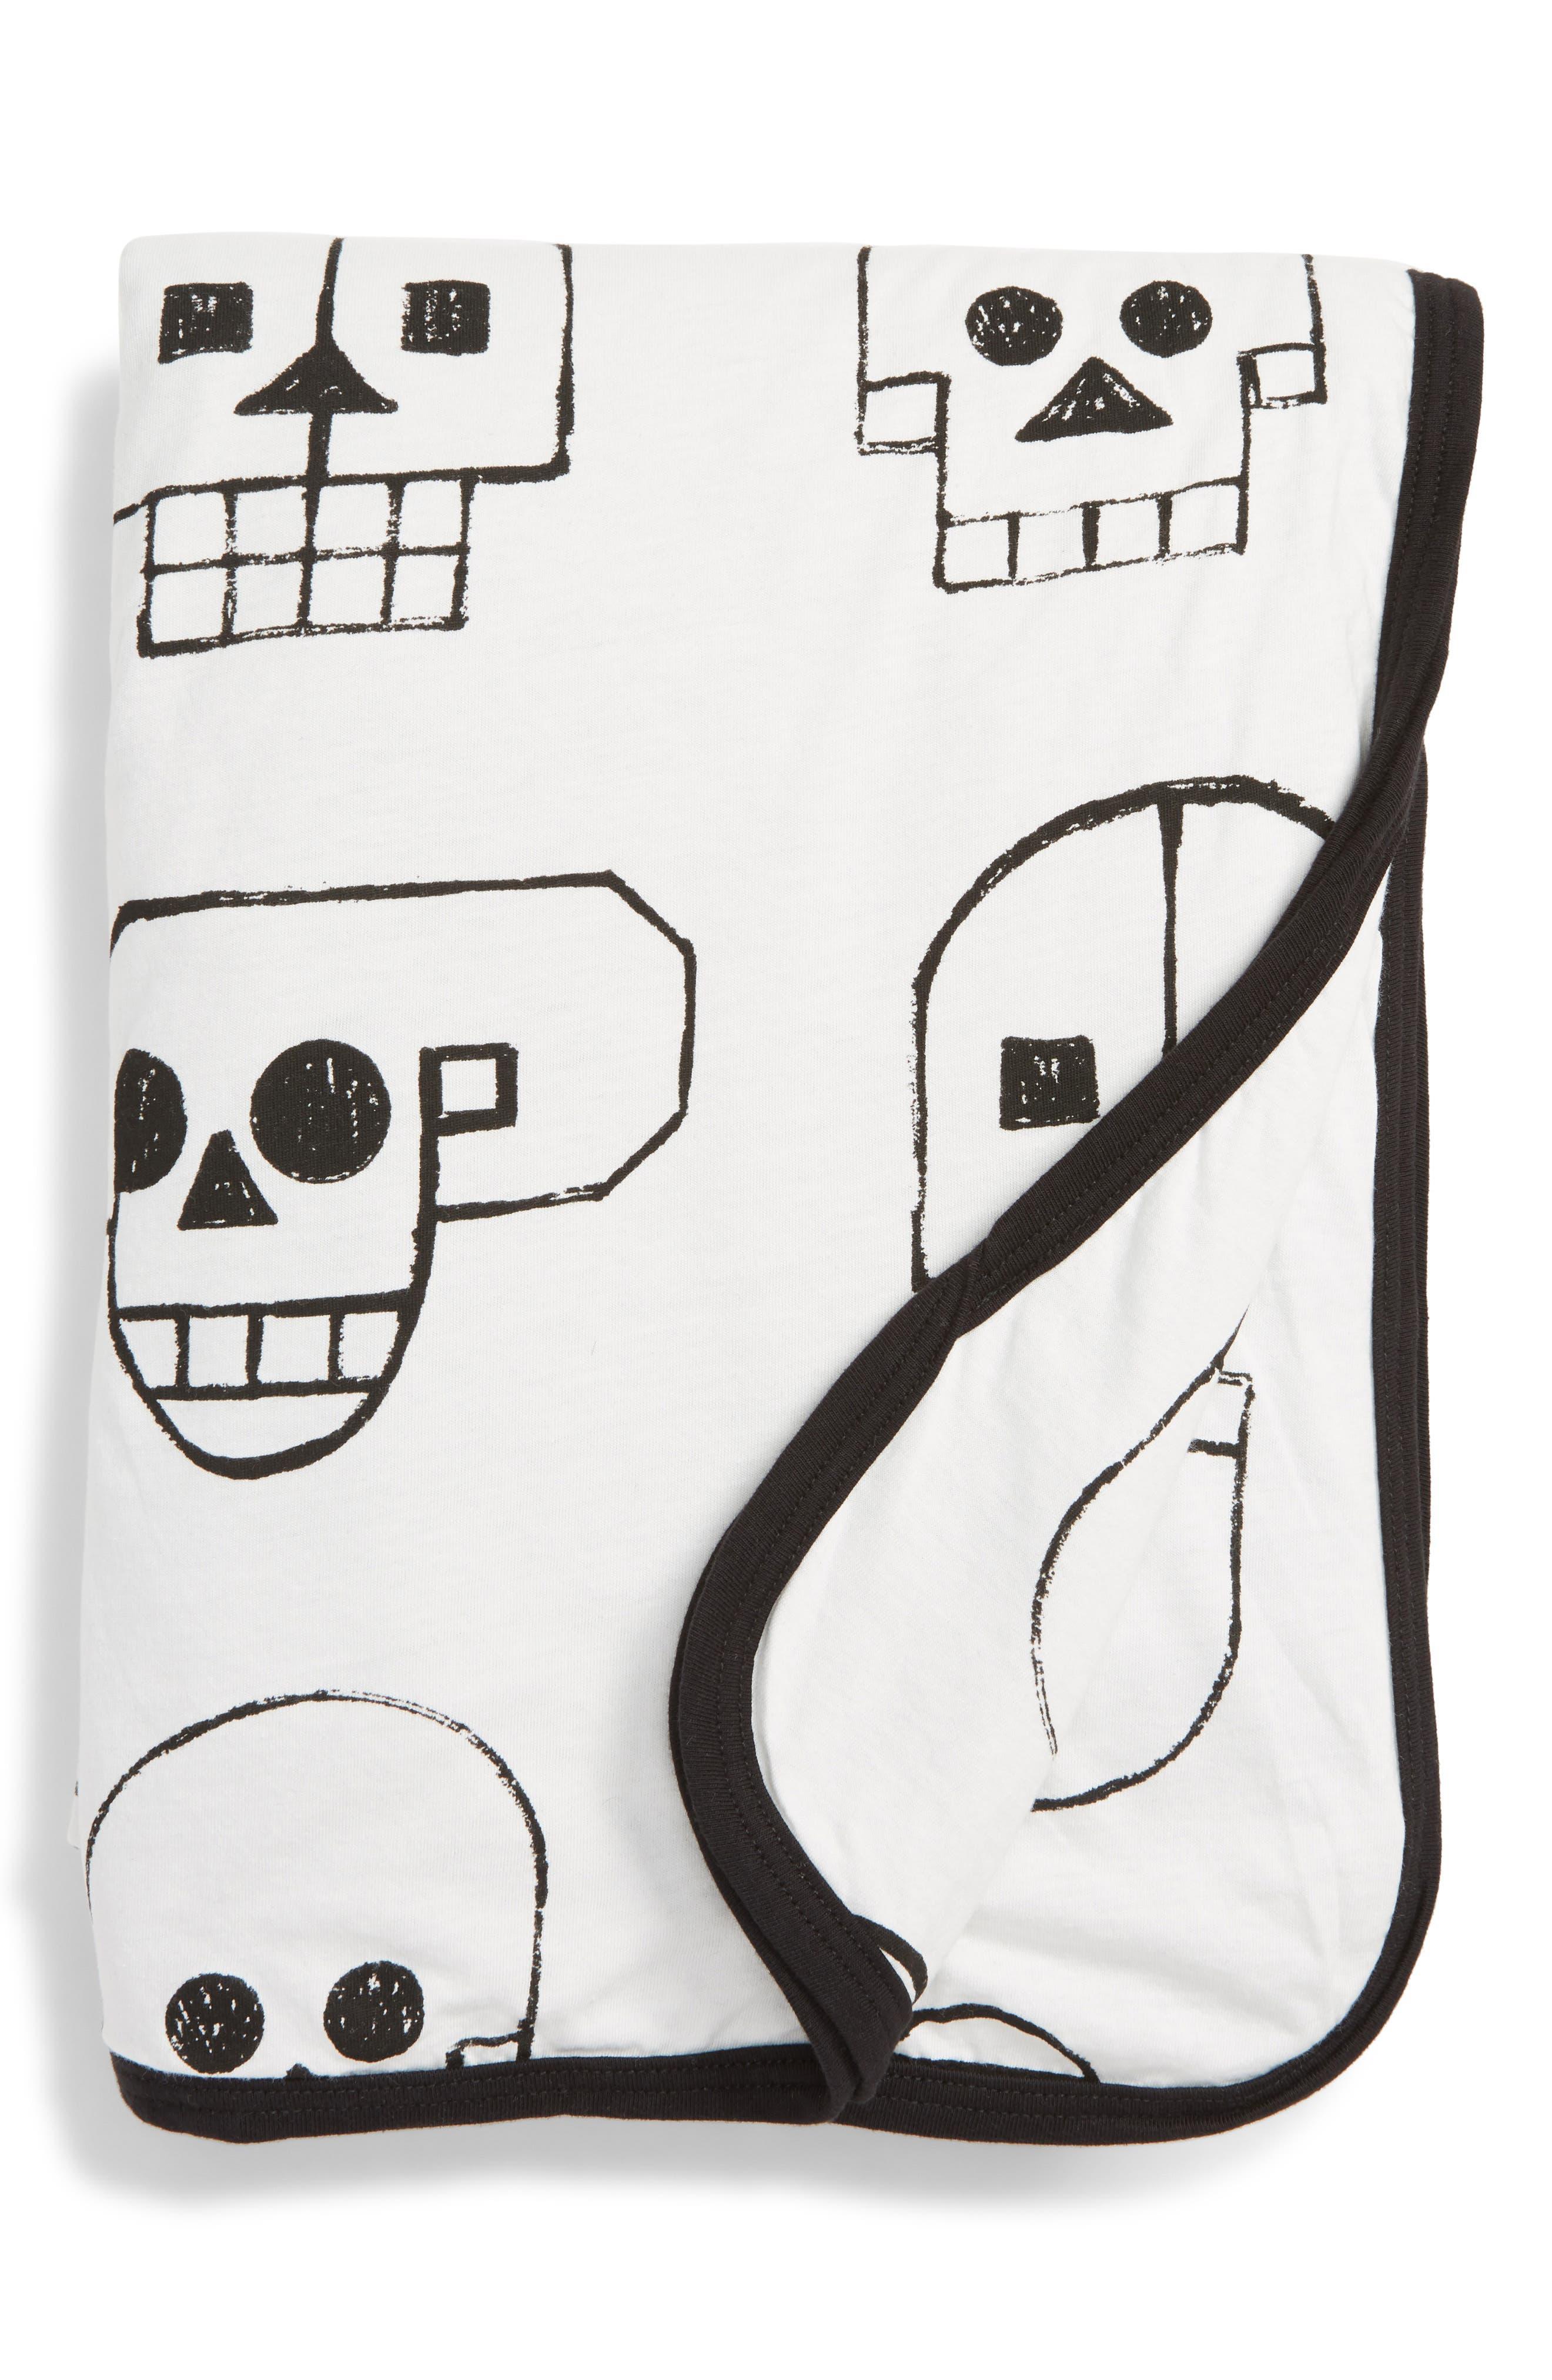 Skull Robot Print Blanket,                             Main thumbnail 1, color,                             White